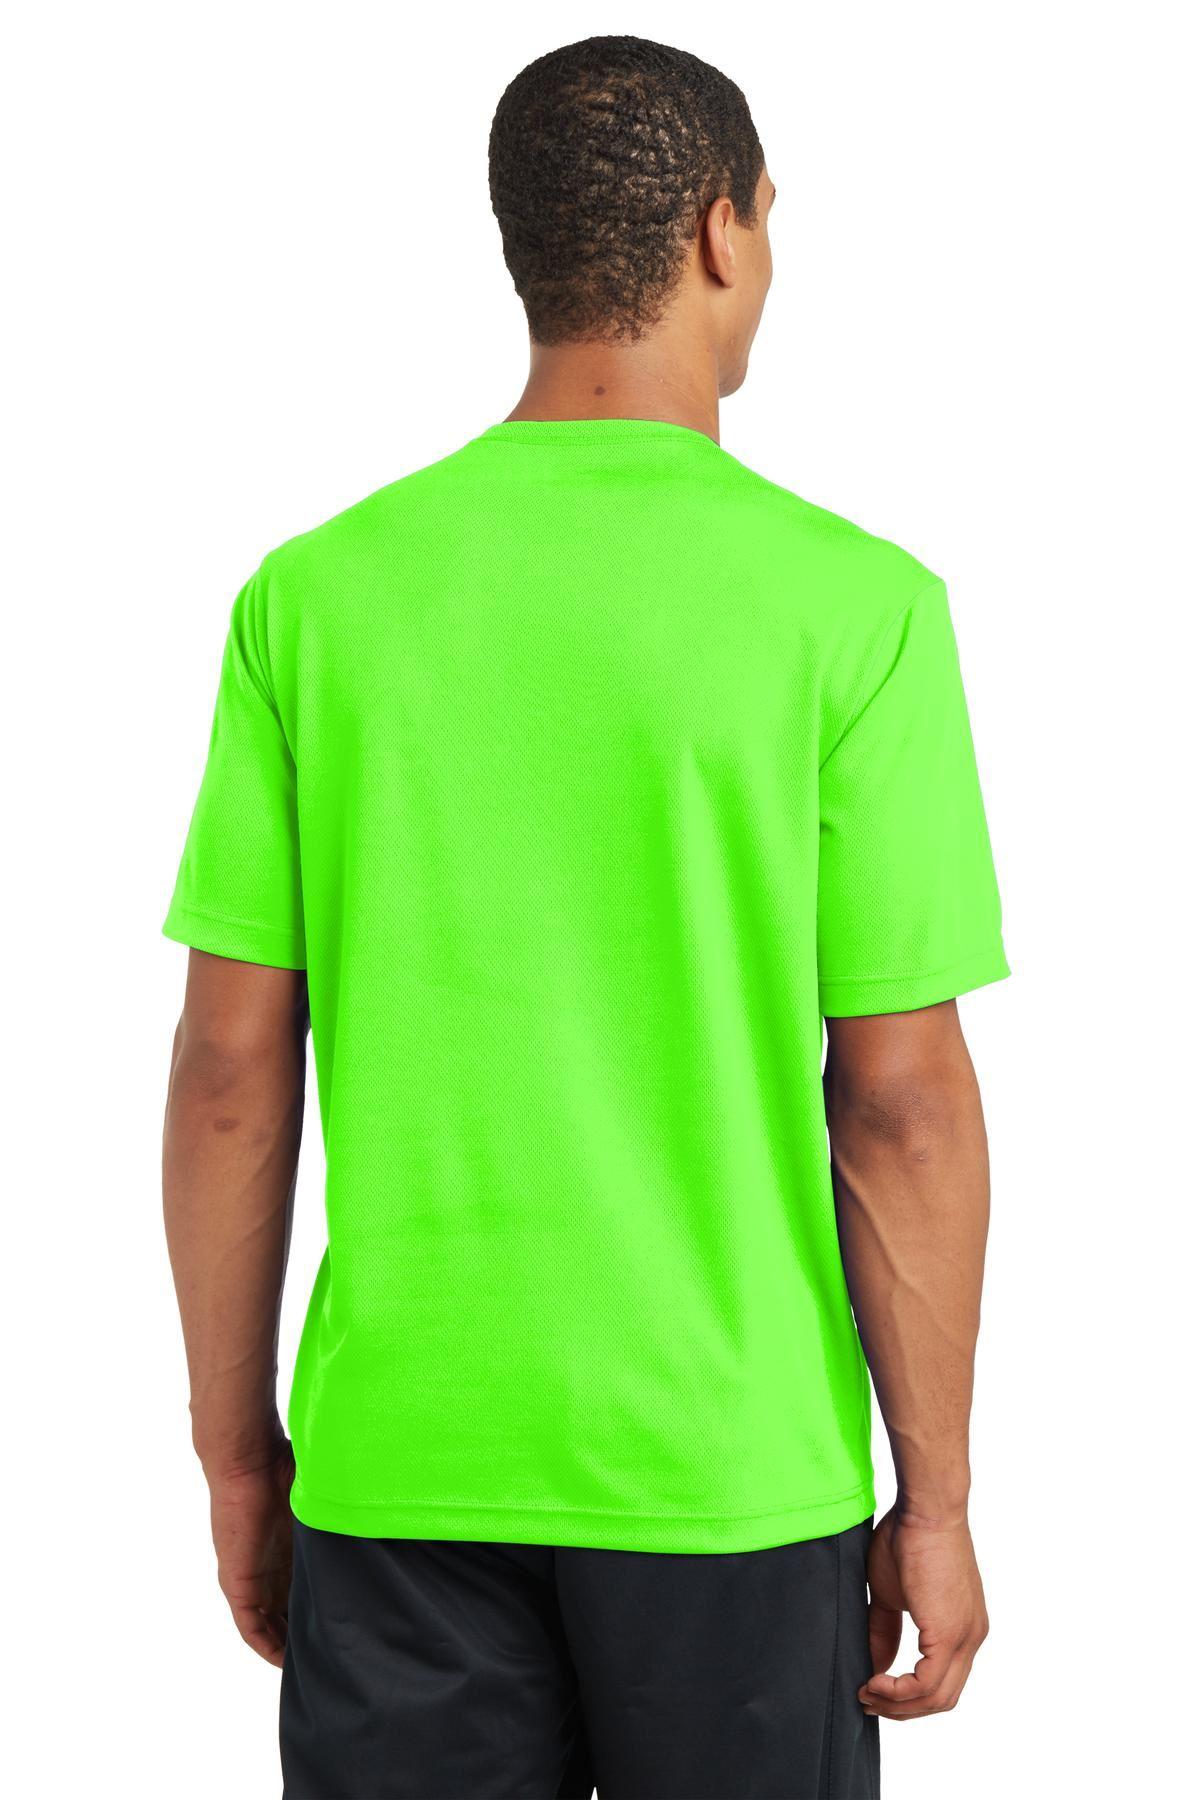 thumbnail 20 - Sport-Tek Men's Dry-Fit RacerMesh Moisture Wicking T-Shirt M-ST340